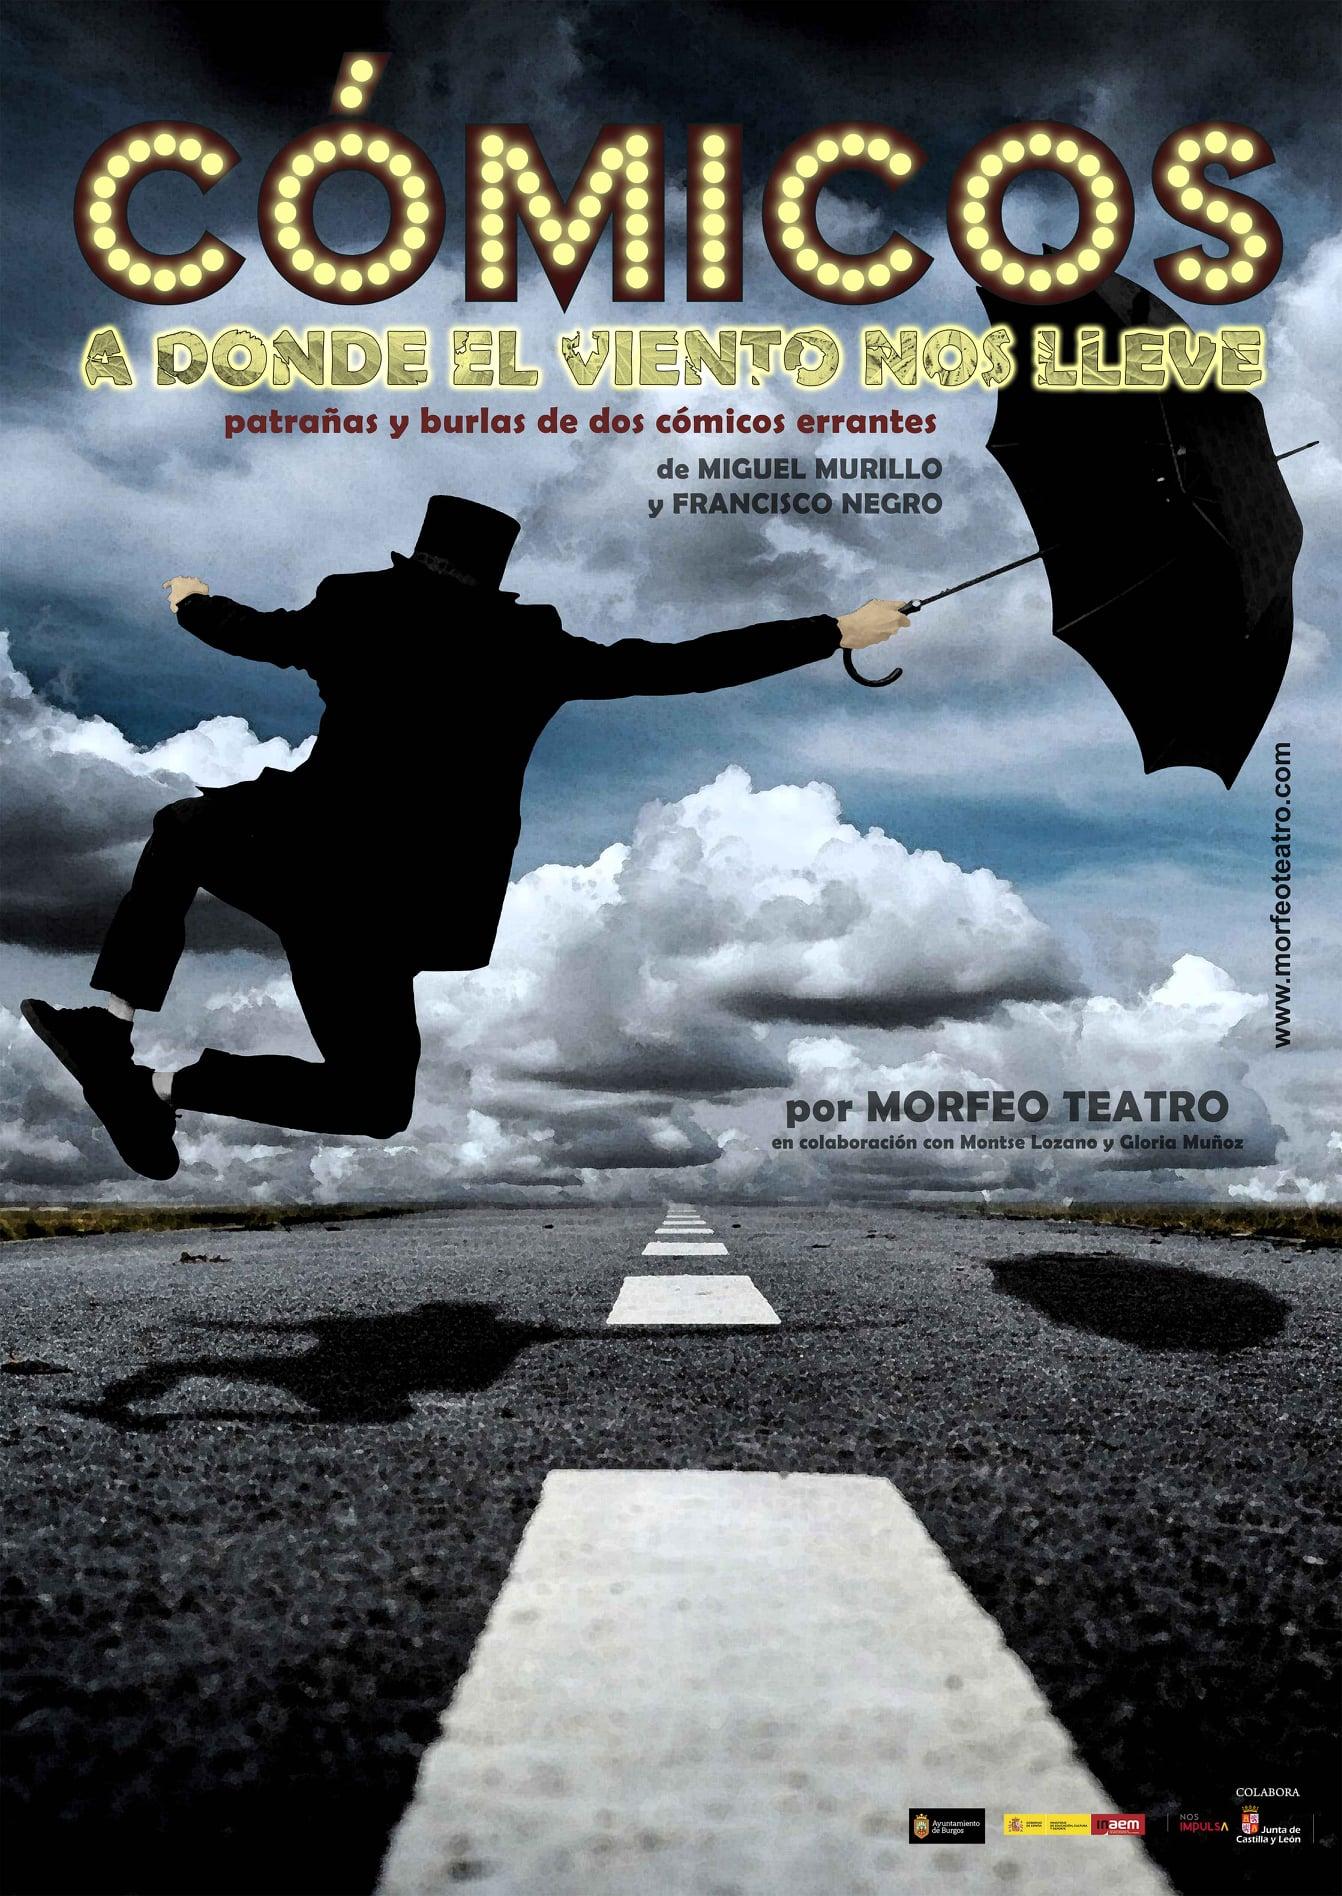 El Teatro de Cubillos del Sil ofrecerá el 9 de octubre la obra Cómicos, donde el viento nos lleve 2